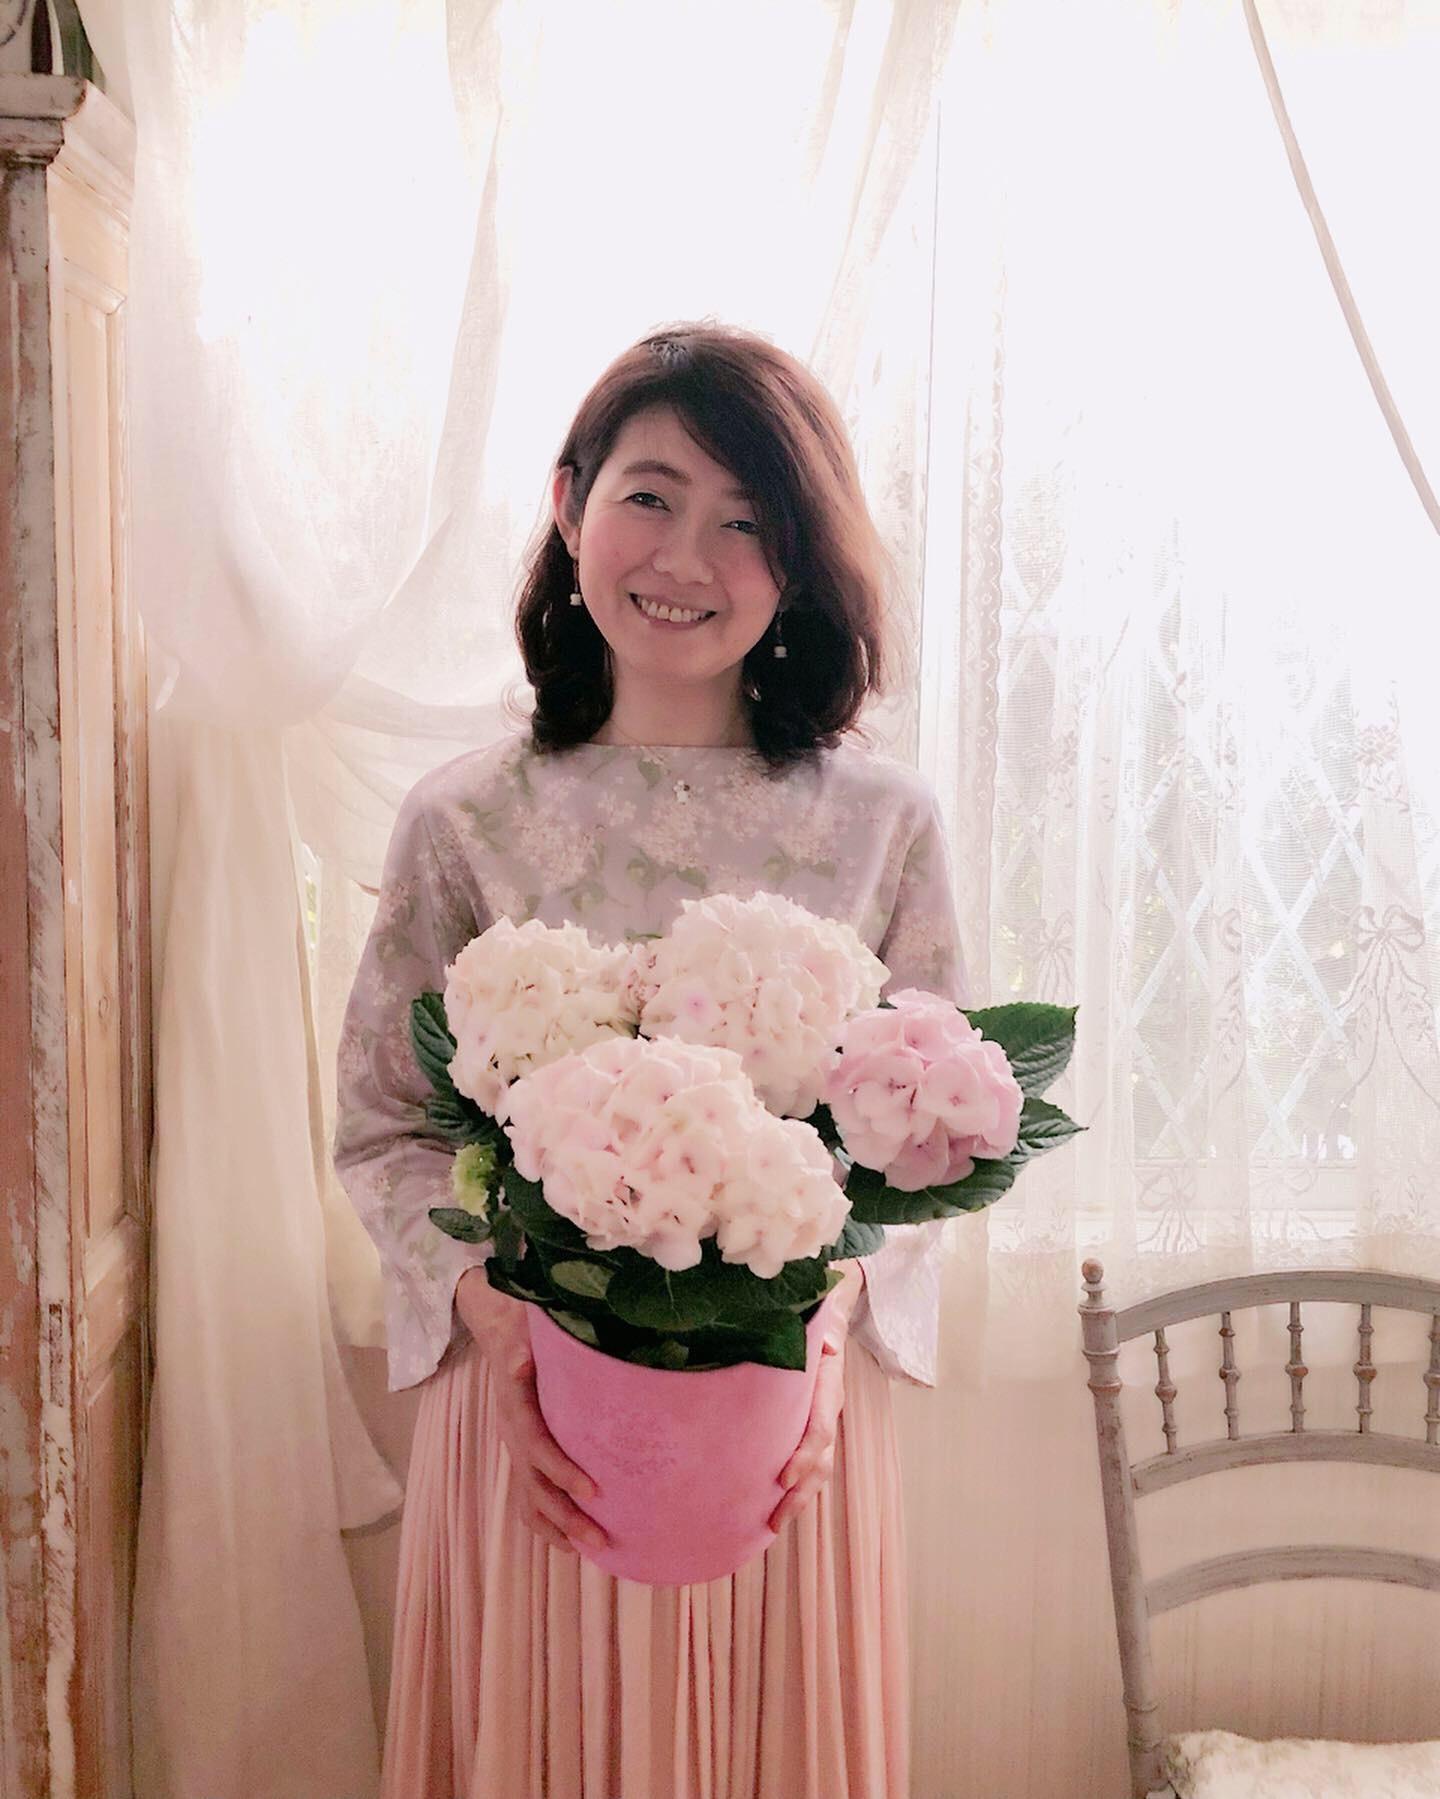 シアワセな母の日をありがとう♡_a0157409_17351318.jpeg